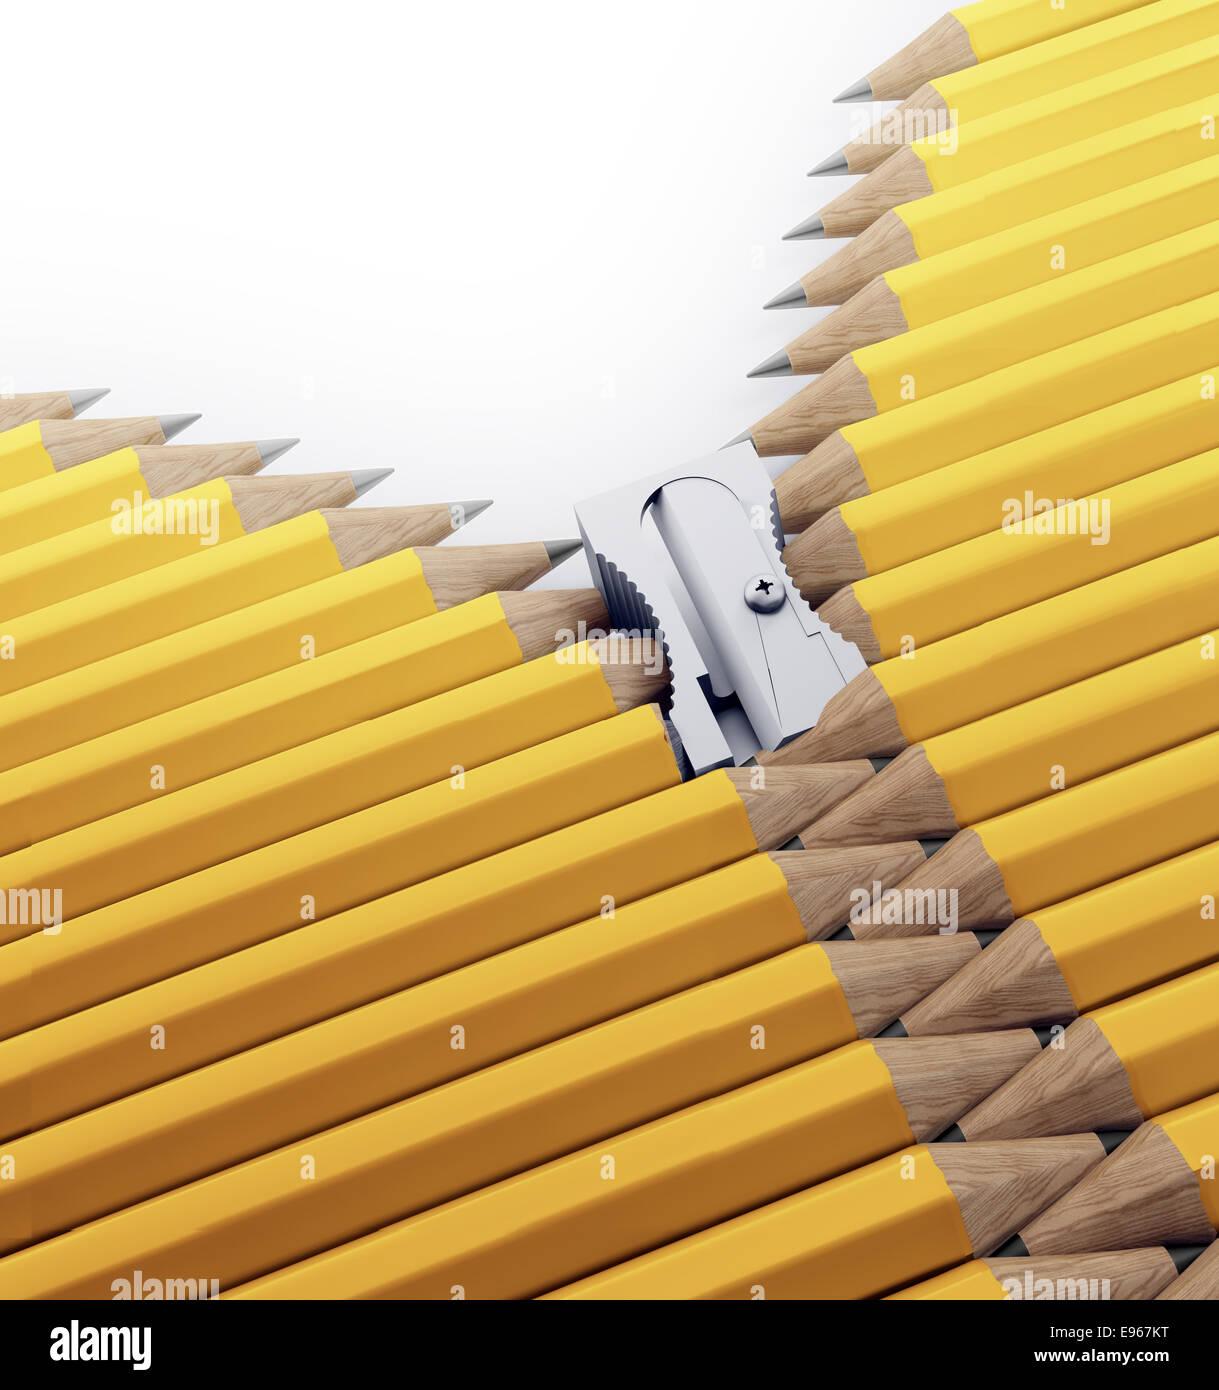 Una fila de lápices y sacapuntas formando una cremallera - escuela de artes, la creatividad y la ilustración Imagen De Stock